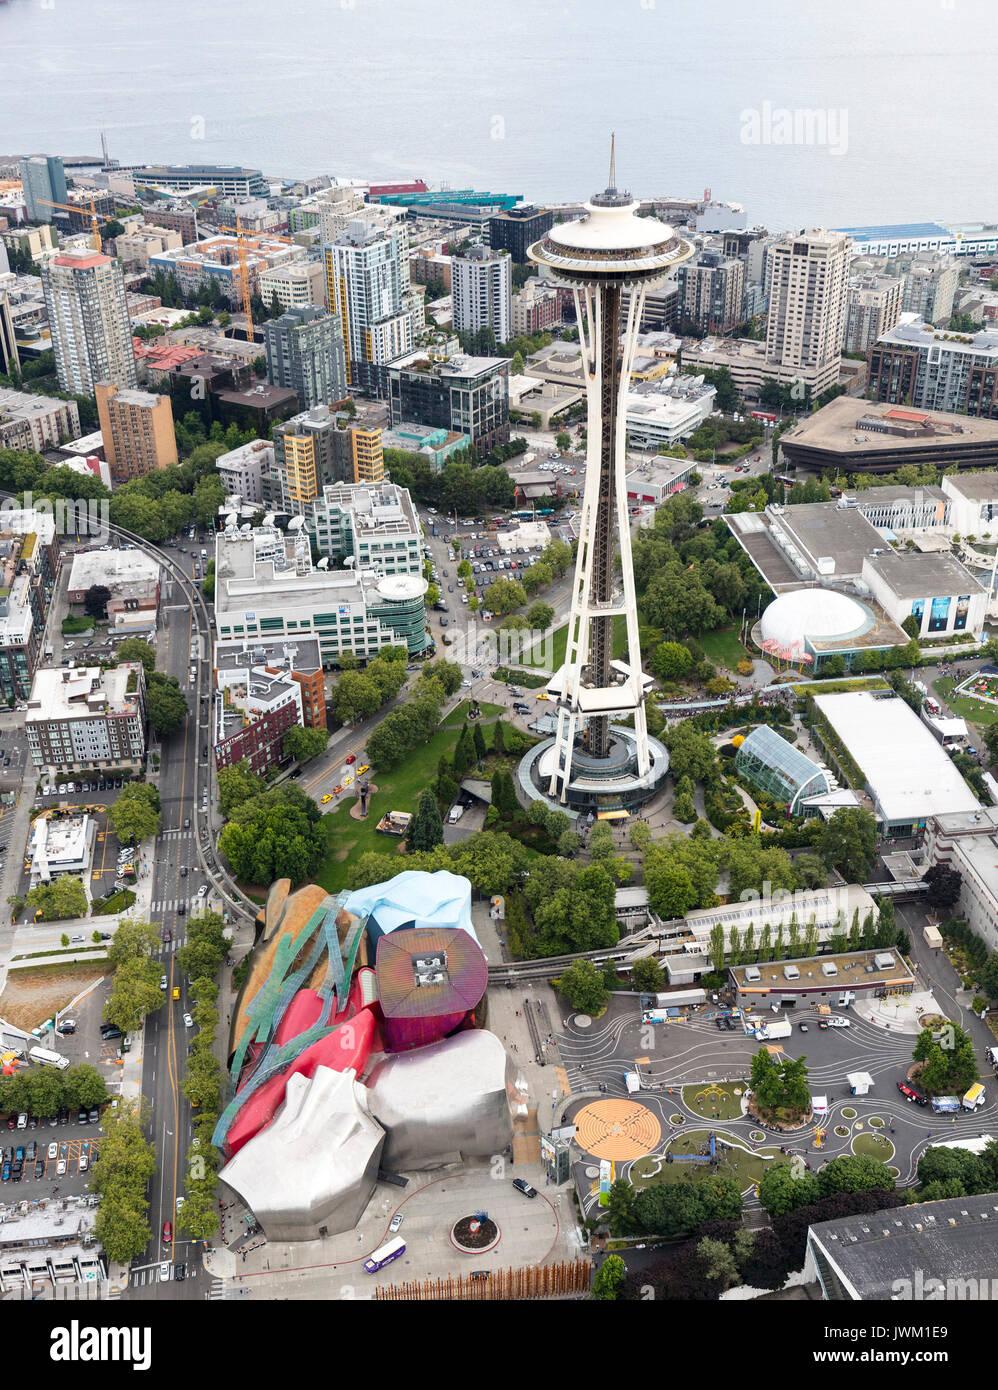 Vista aerea dello Space Needle e il Seattle Center, nello Stato di Washington, USA Immagini Stock